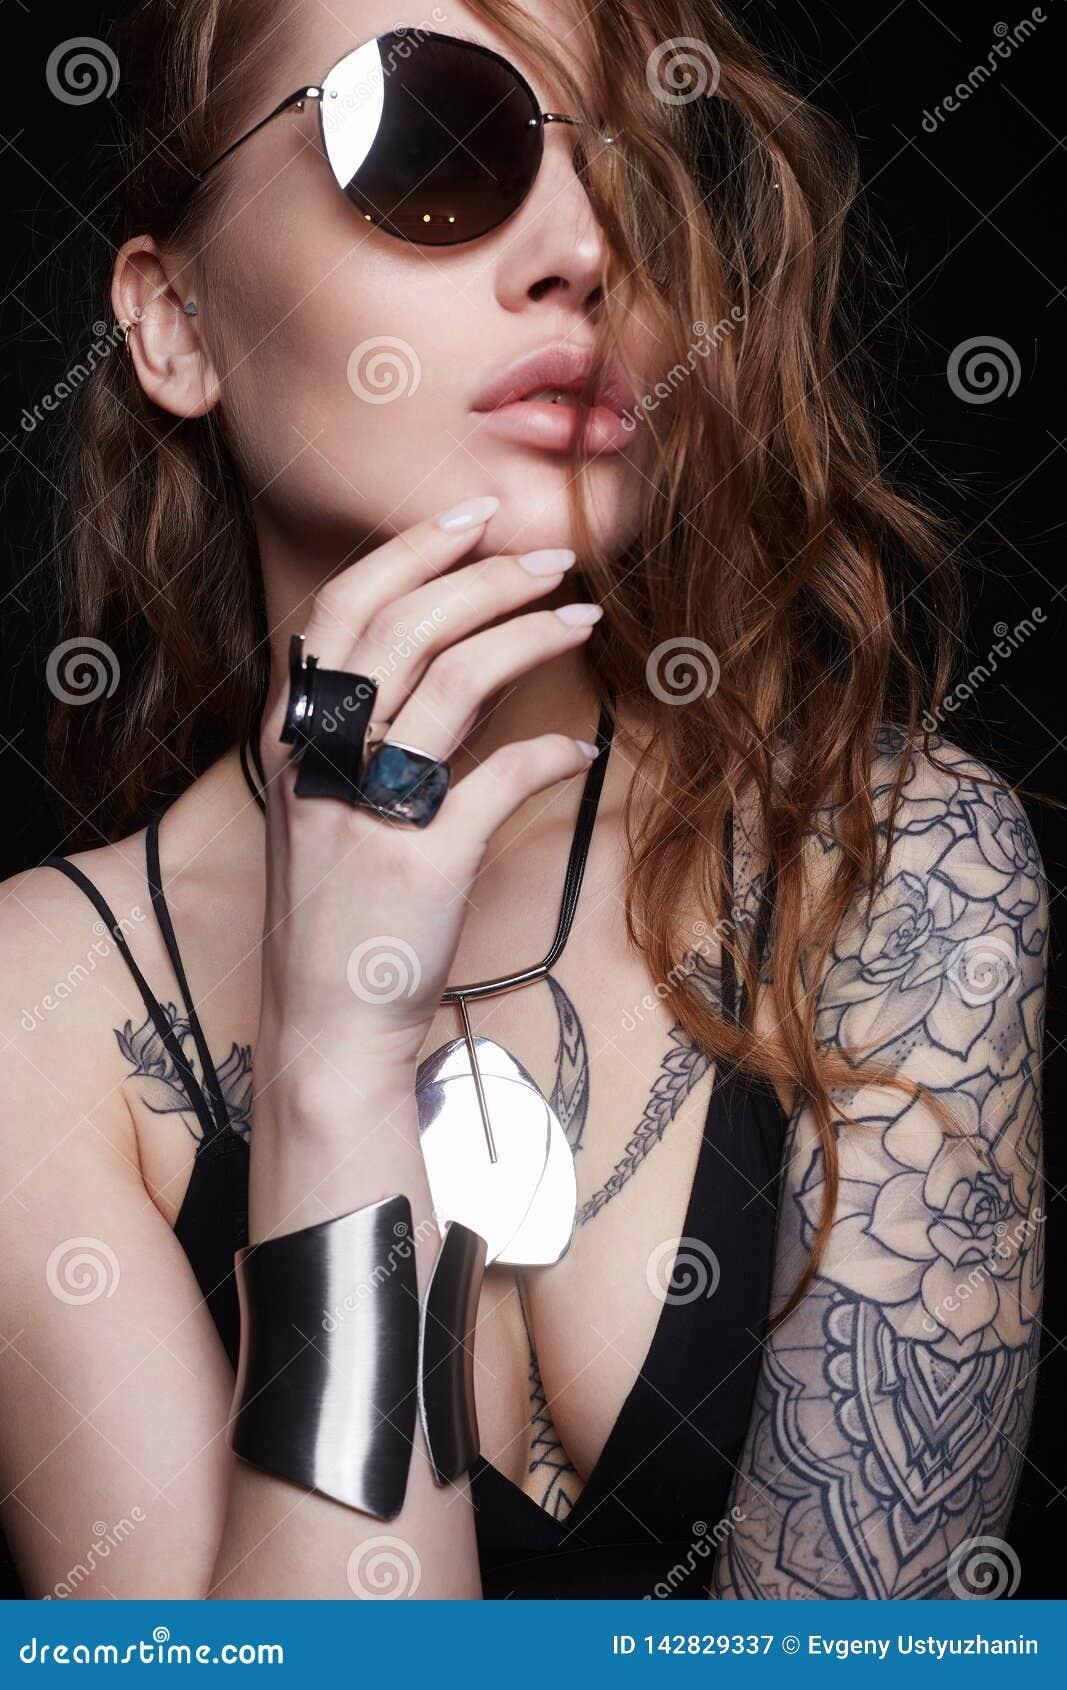 Les Femmes Sexy Avec Des Tatouages Moitracticpaureurest Over Blog Com